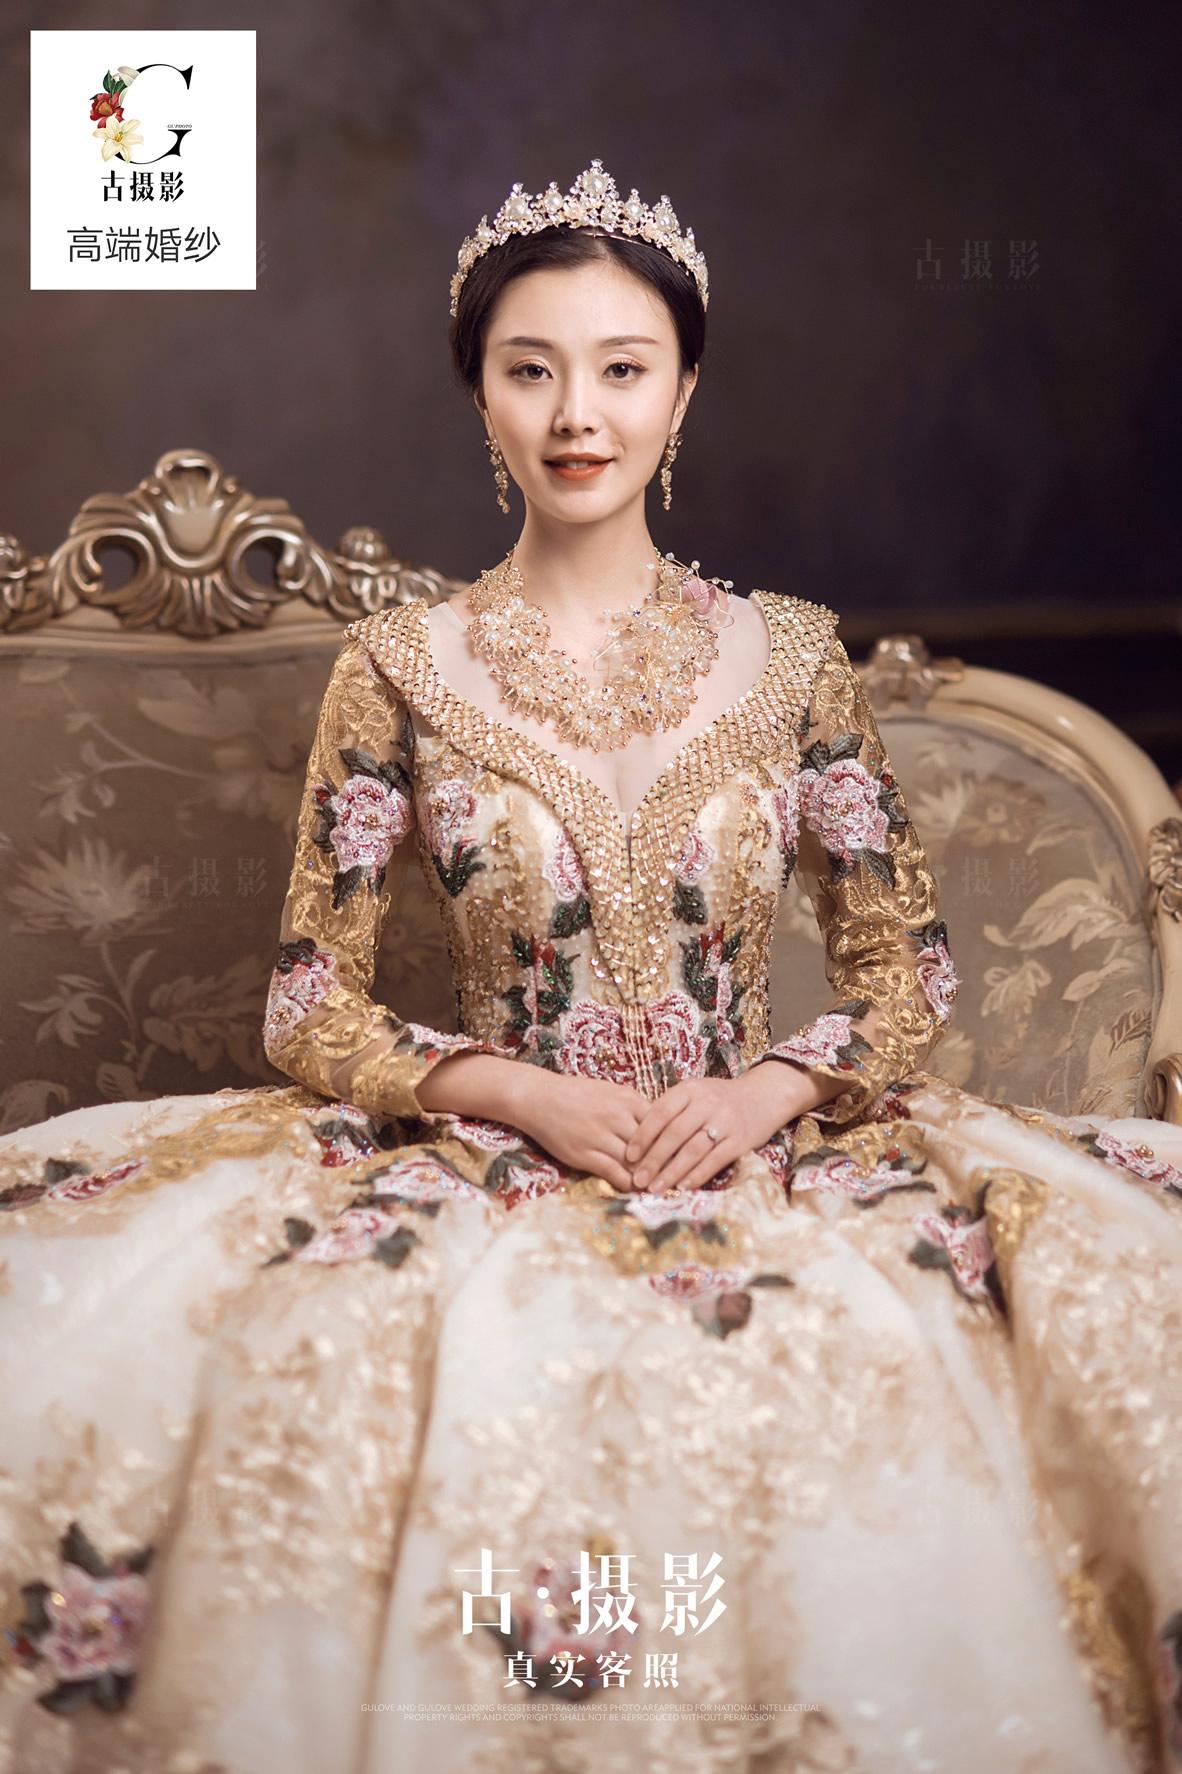 4月22日客片蒲先生 胡小姐 - 每日客照 - 古摄影婚纱艺术-古摄影成都婚纱摄影艺术摄影网